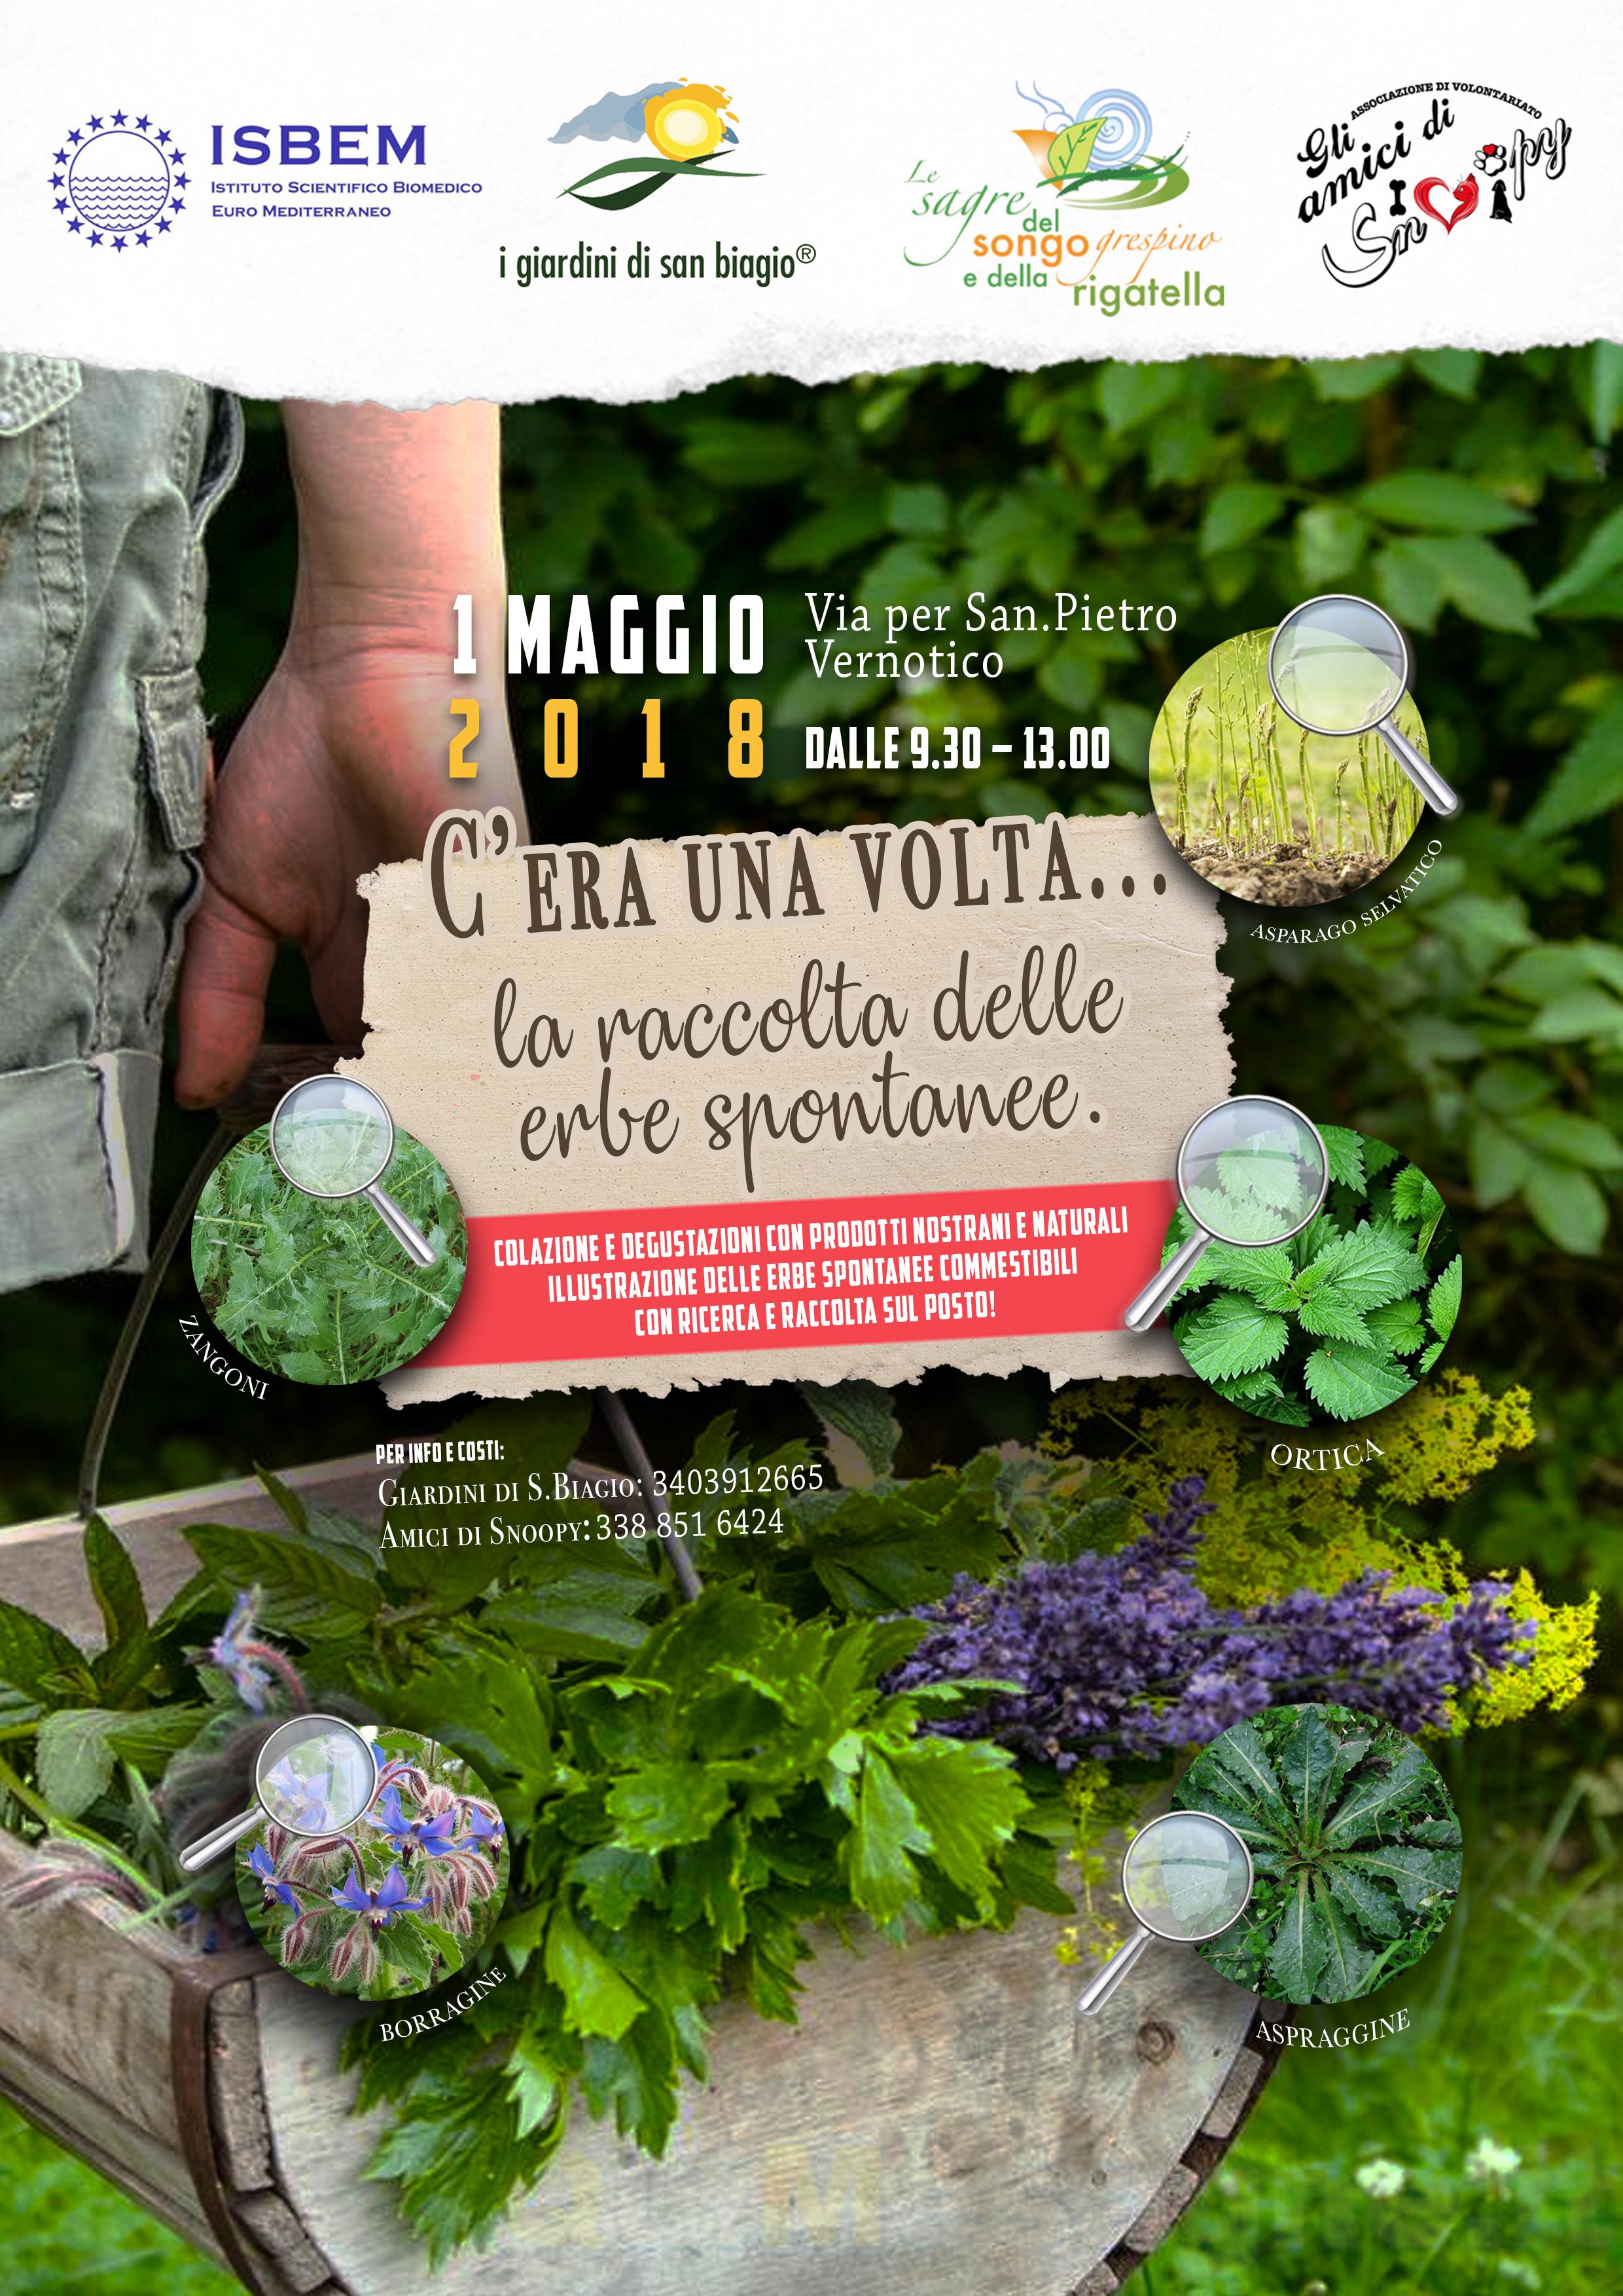 Il 1 Maggio appuntamento con la raccolta delle erbe spontanee